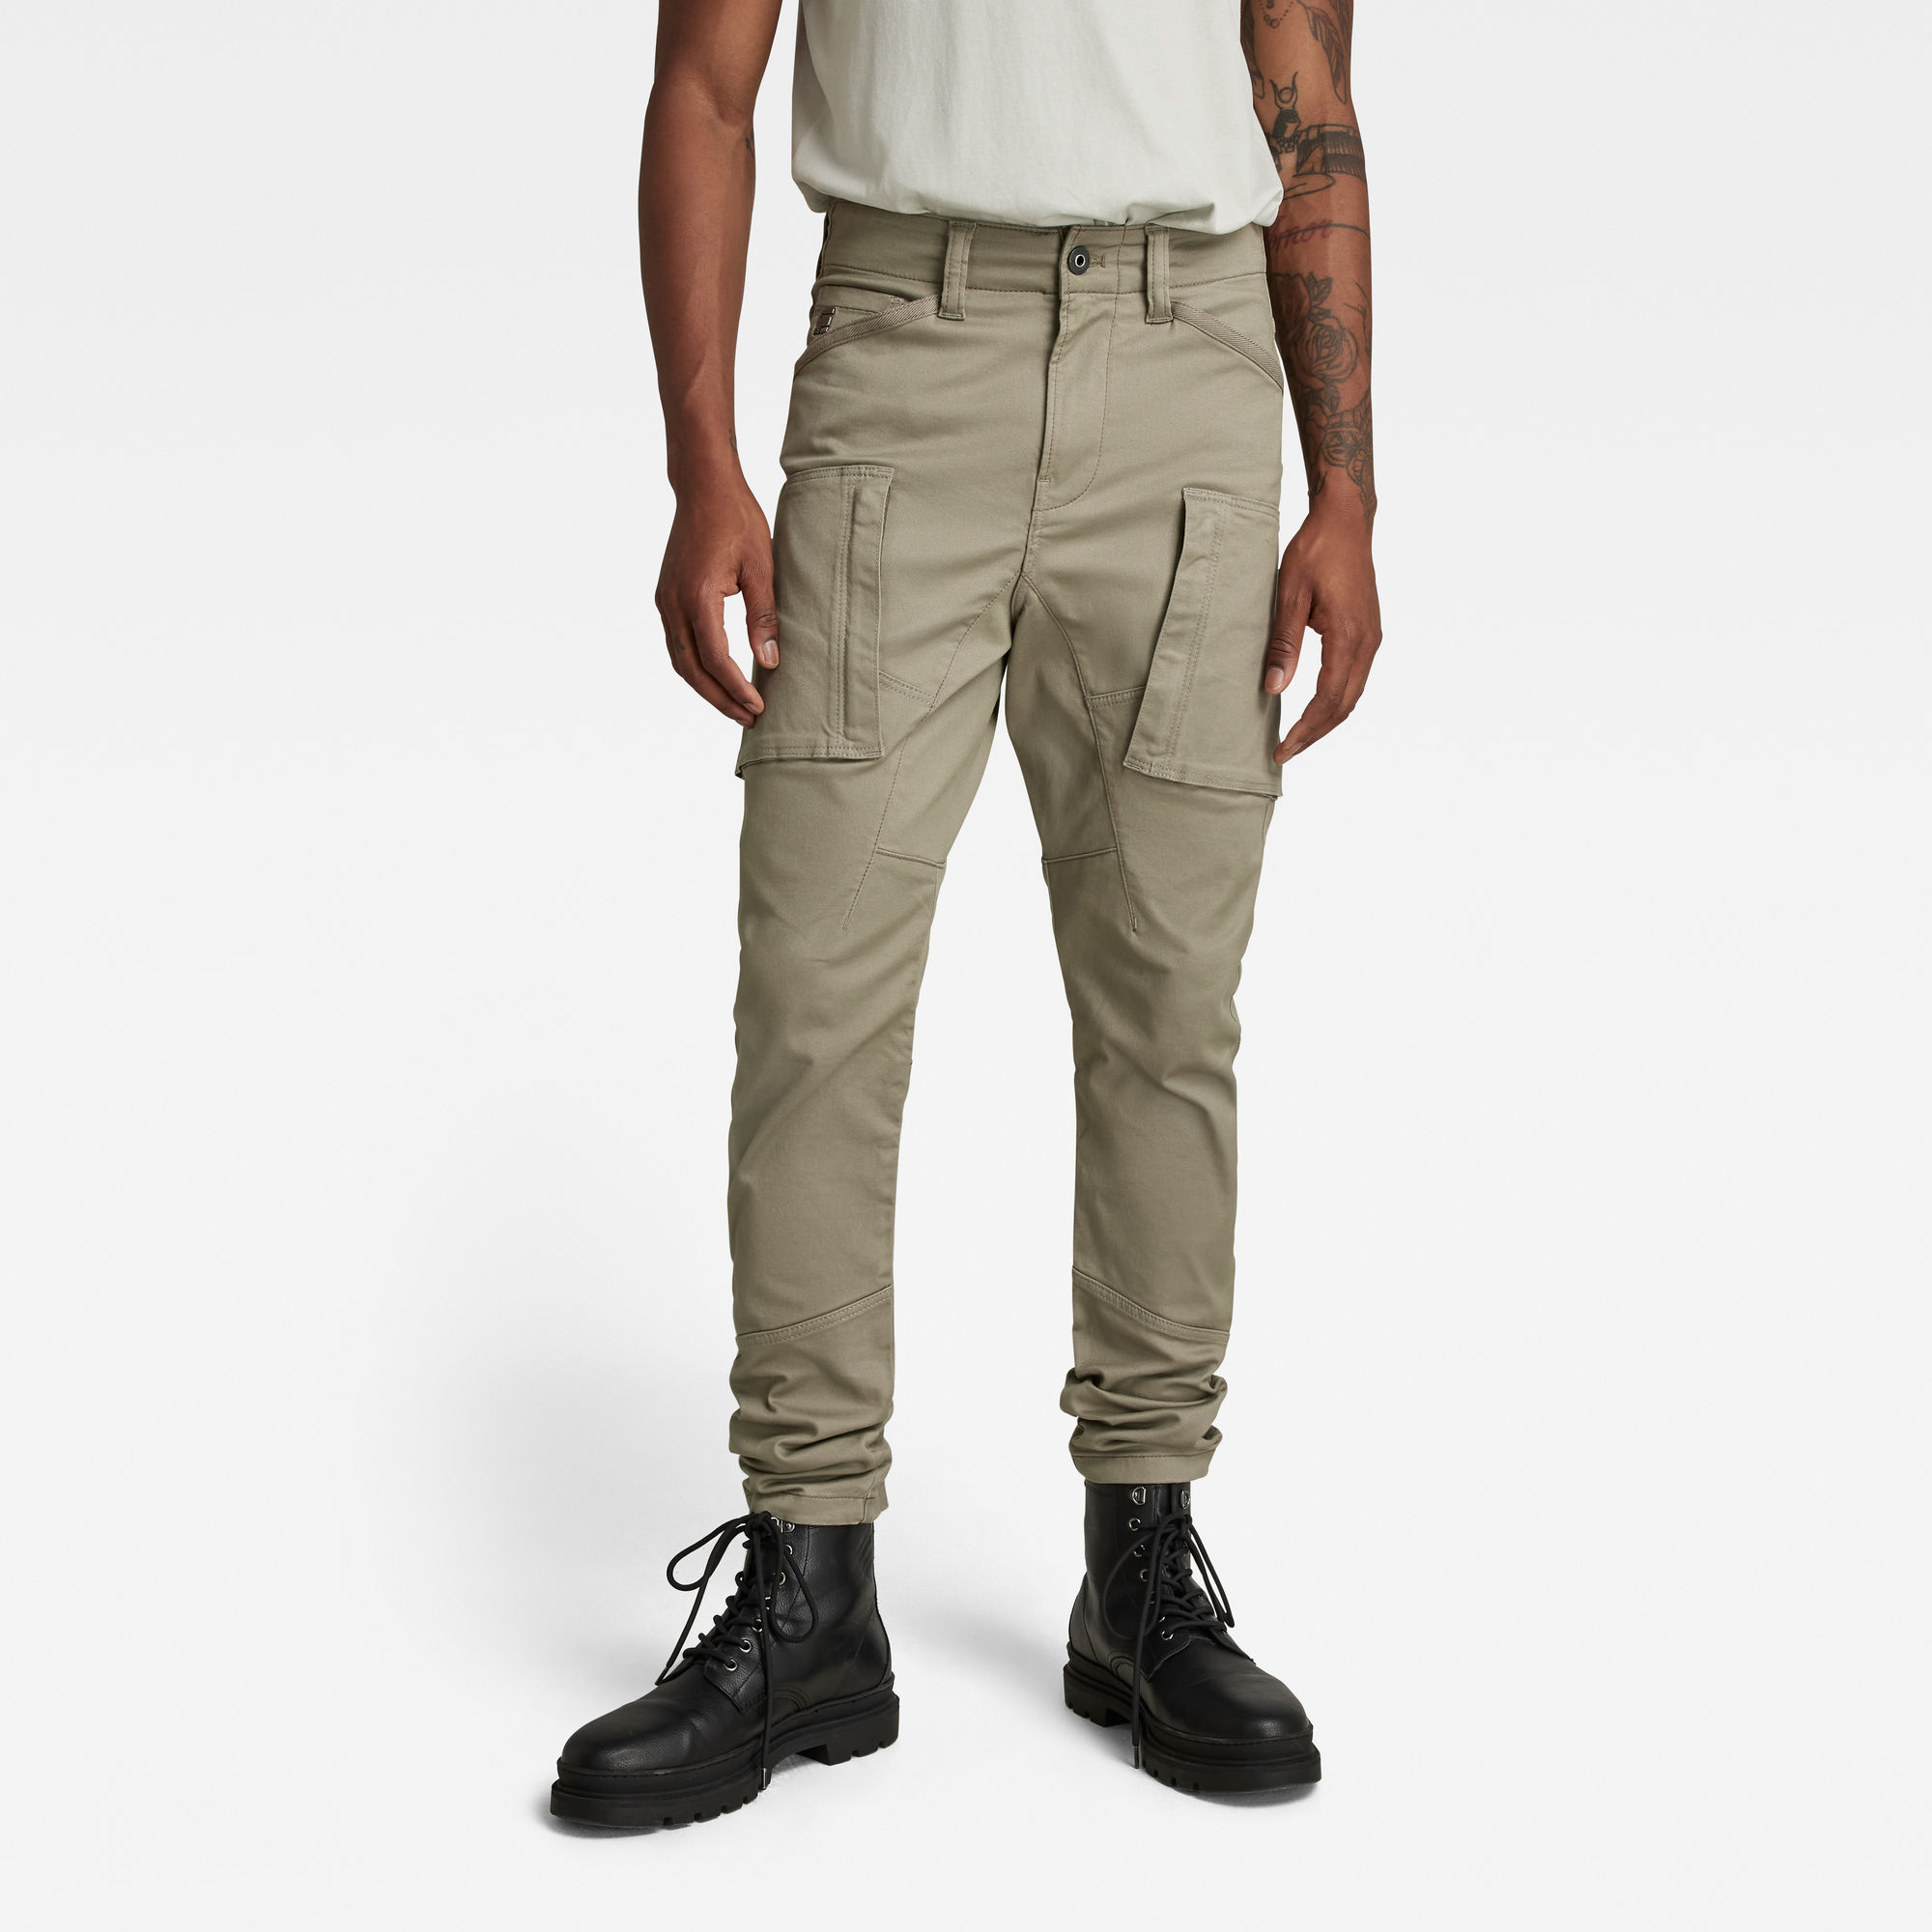 G-Star RAW Heren Cargo Broek Zip Pocket 3D Skinny Groen